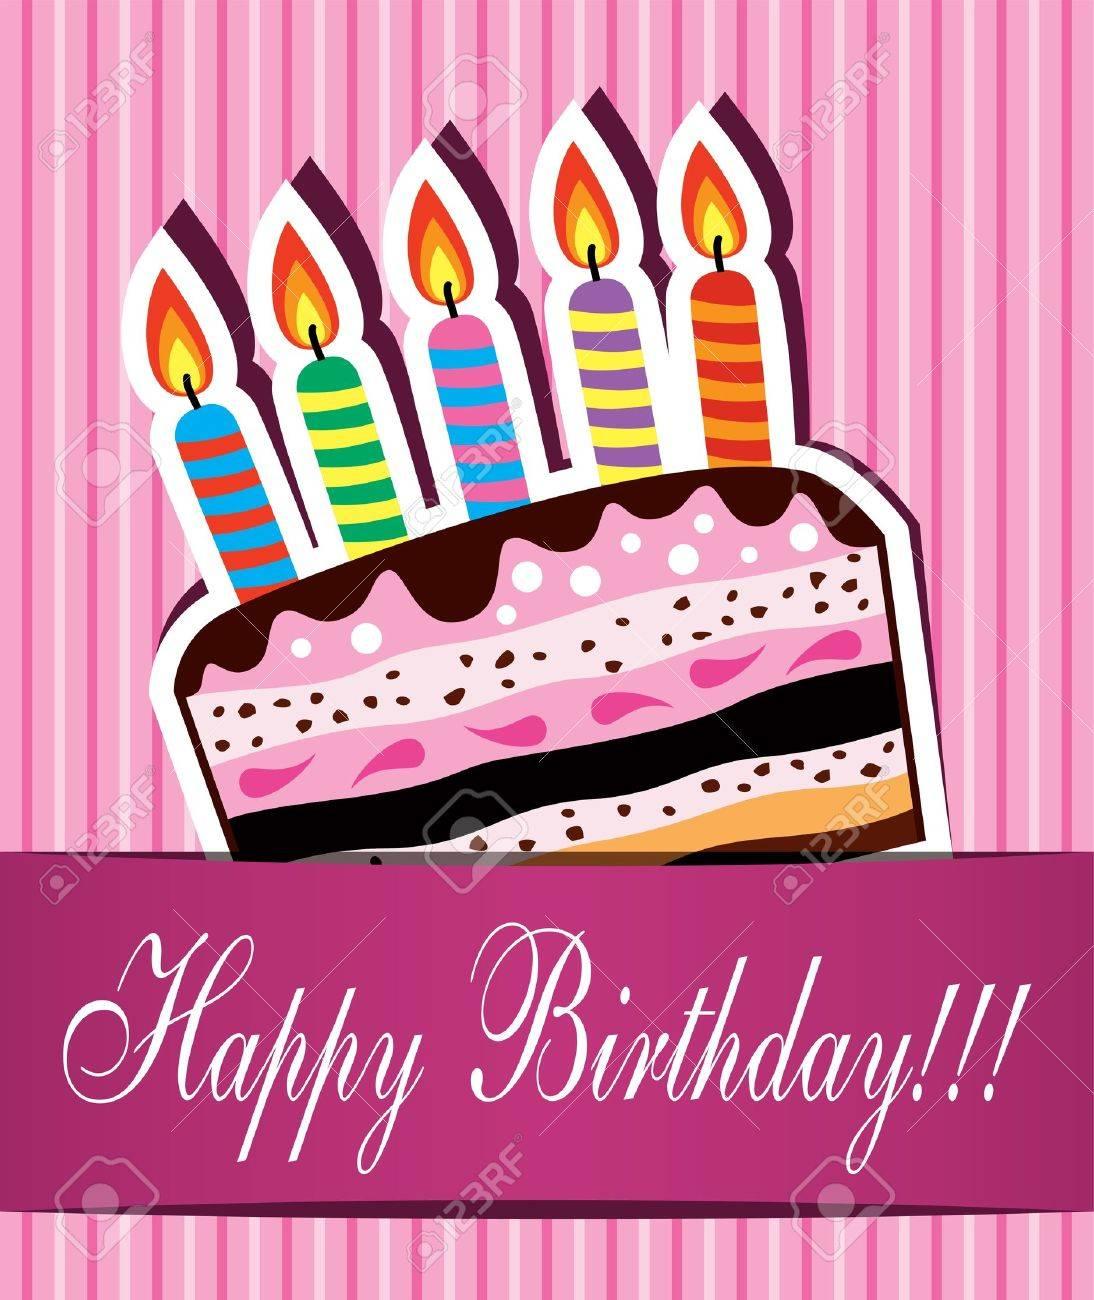 foto de archivo vector de tarjeta de cumpleaos con pastel de chocolate y velas encendidas